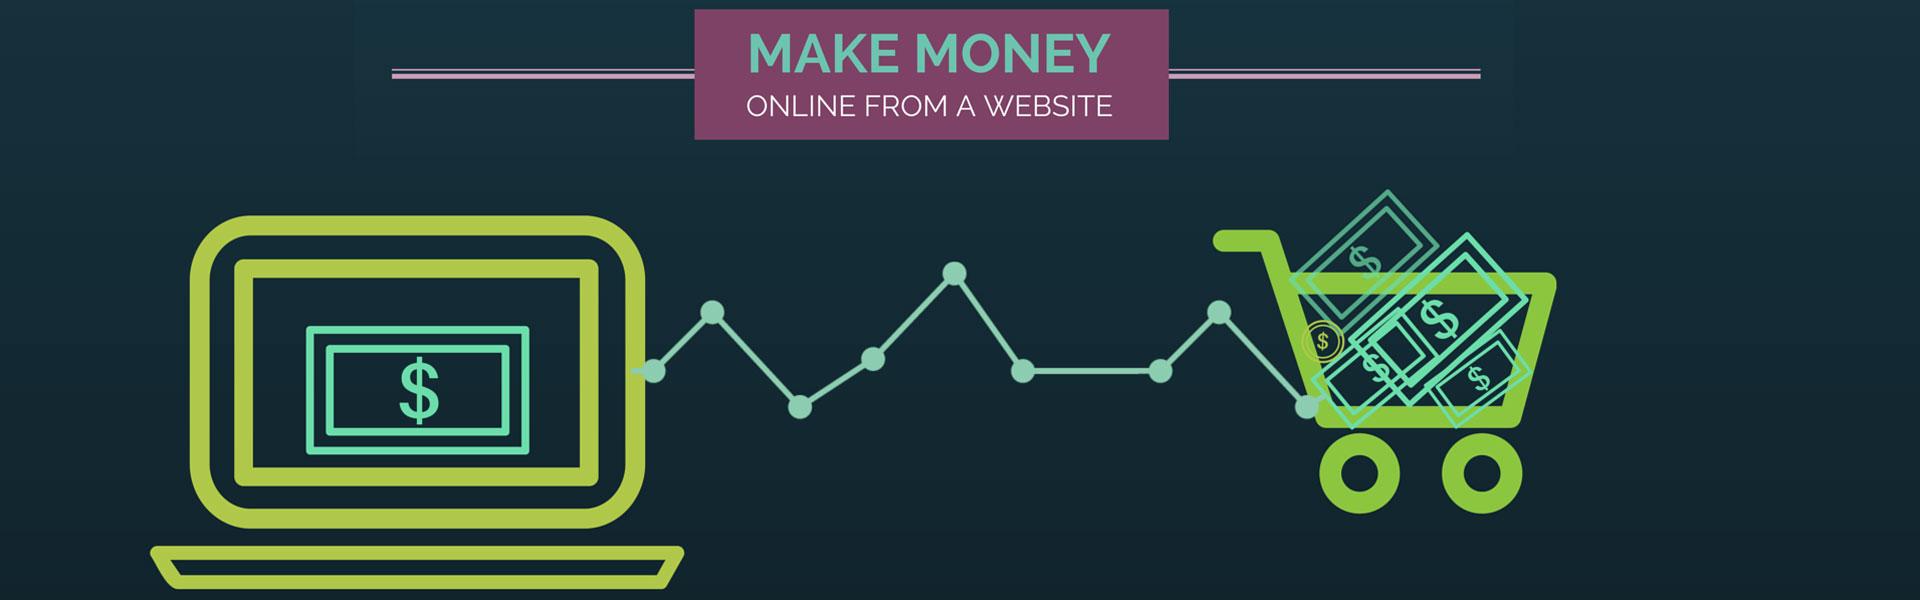 eCommerce Websites Design Make Money Online